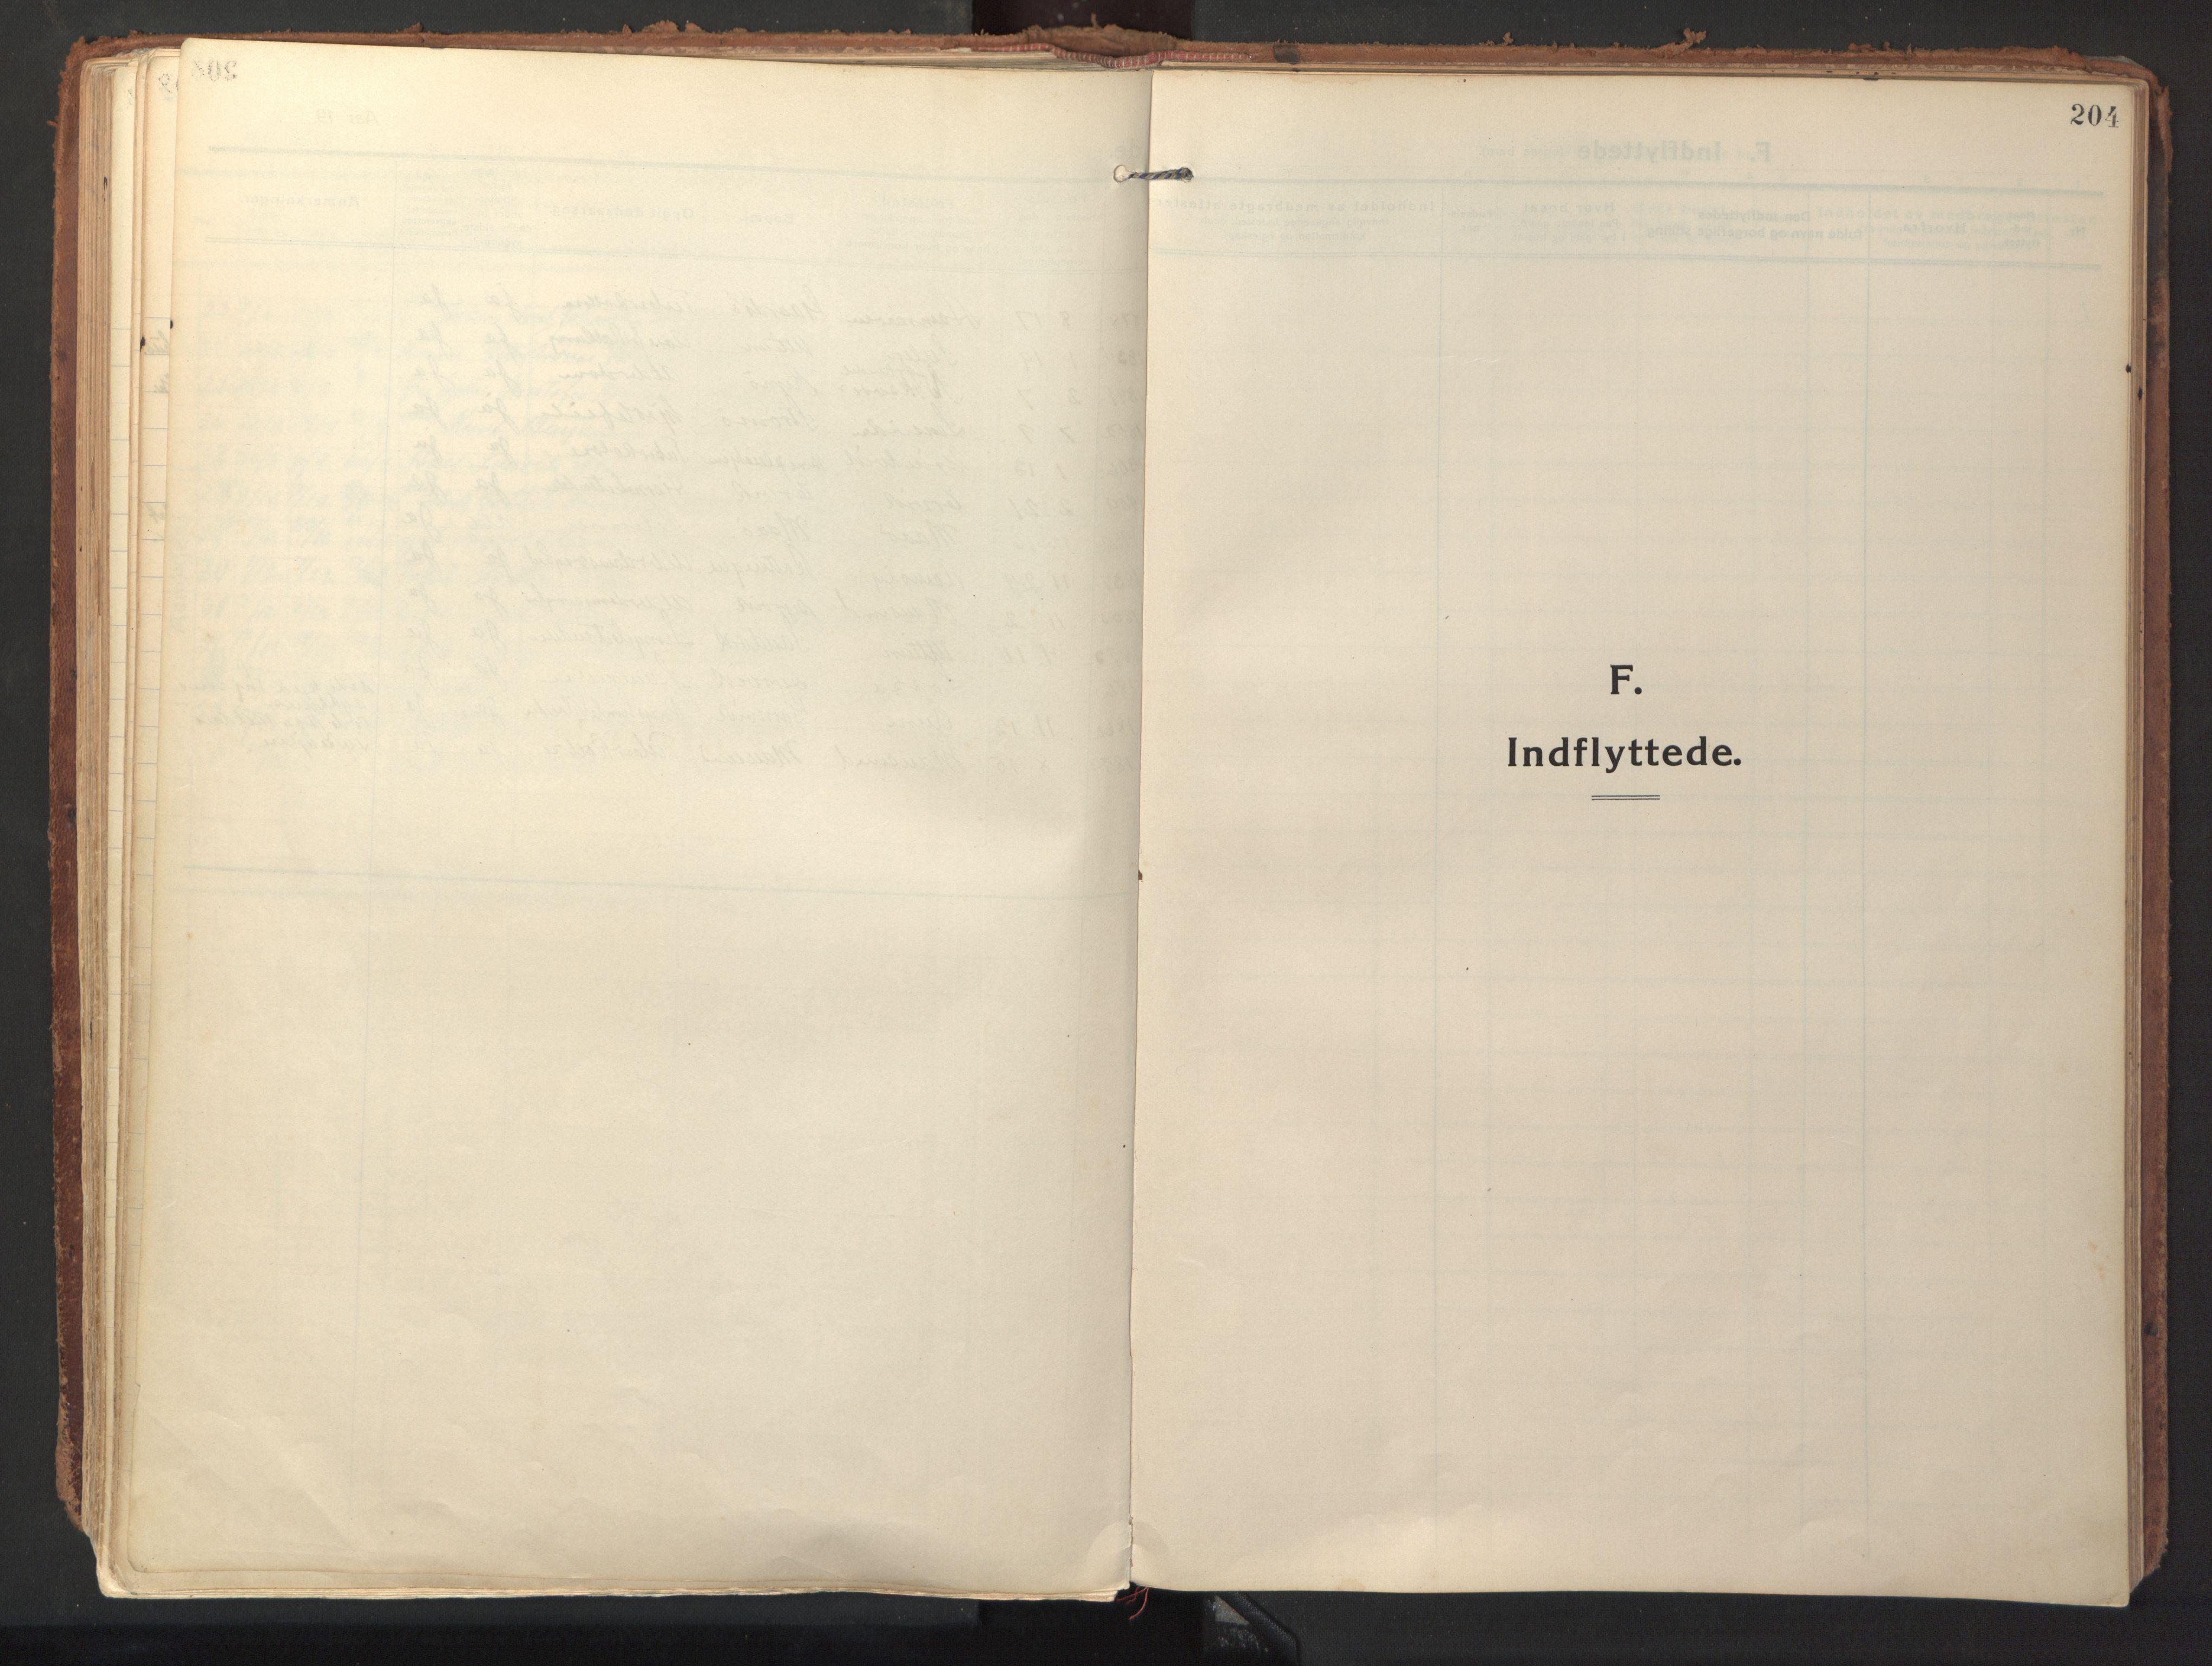 SAT, Ministerialprotokoller, klokkerbøker og fødselsregistre - Sør-Trøndelag, 640/L0581: Ministerialbok nr. 640A06, 1910-1924, s. 204